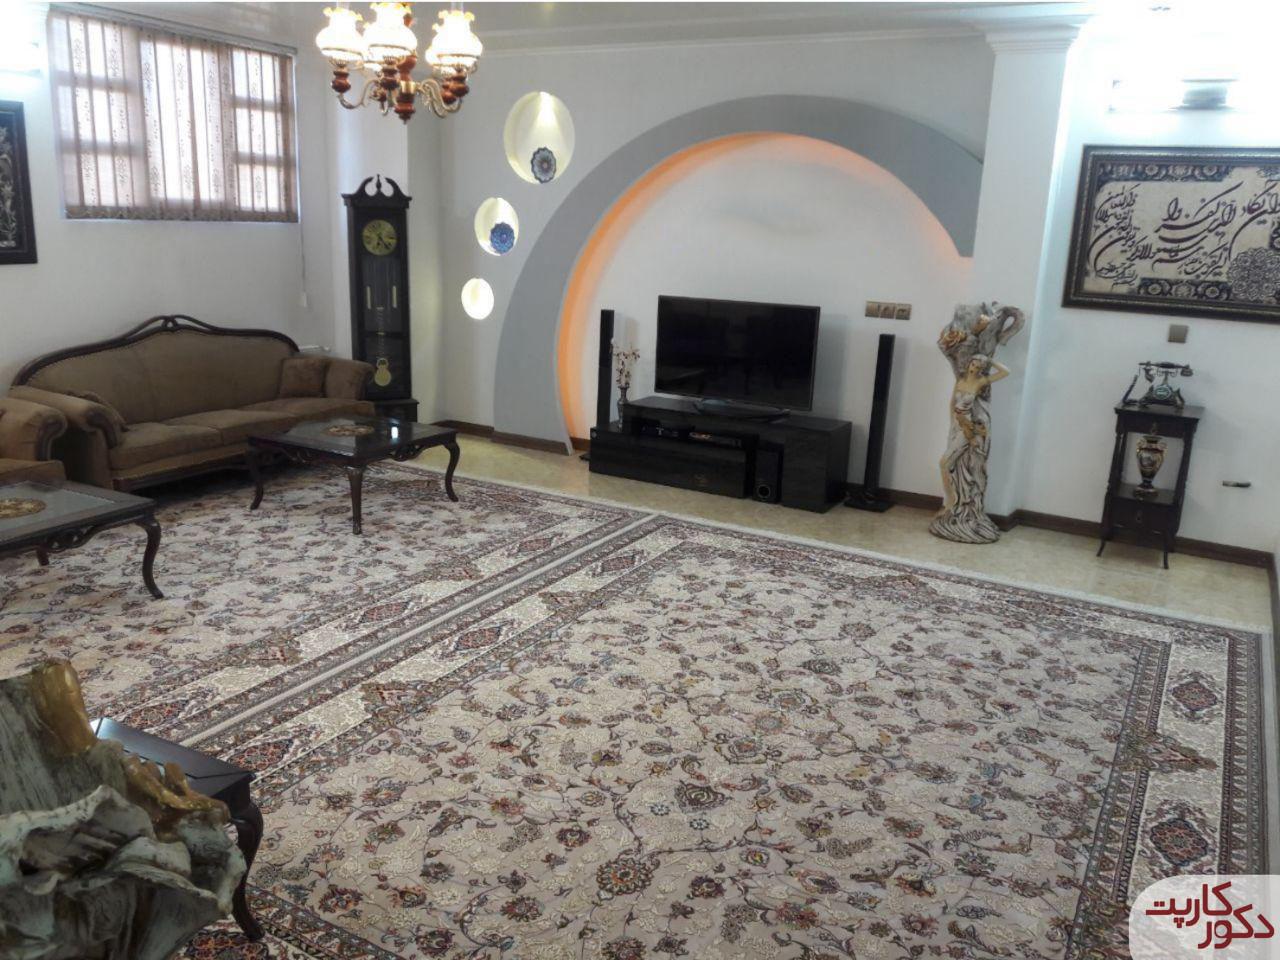 نمای فرش هایبالک طرح افشان فیلی در کنار مبلمان قهوه ای